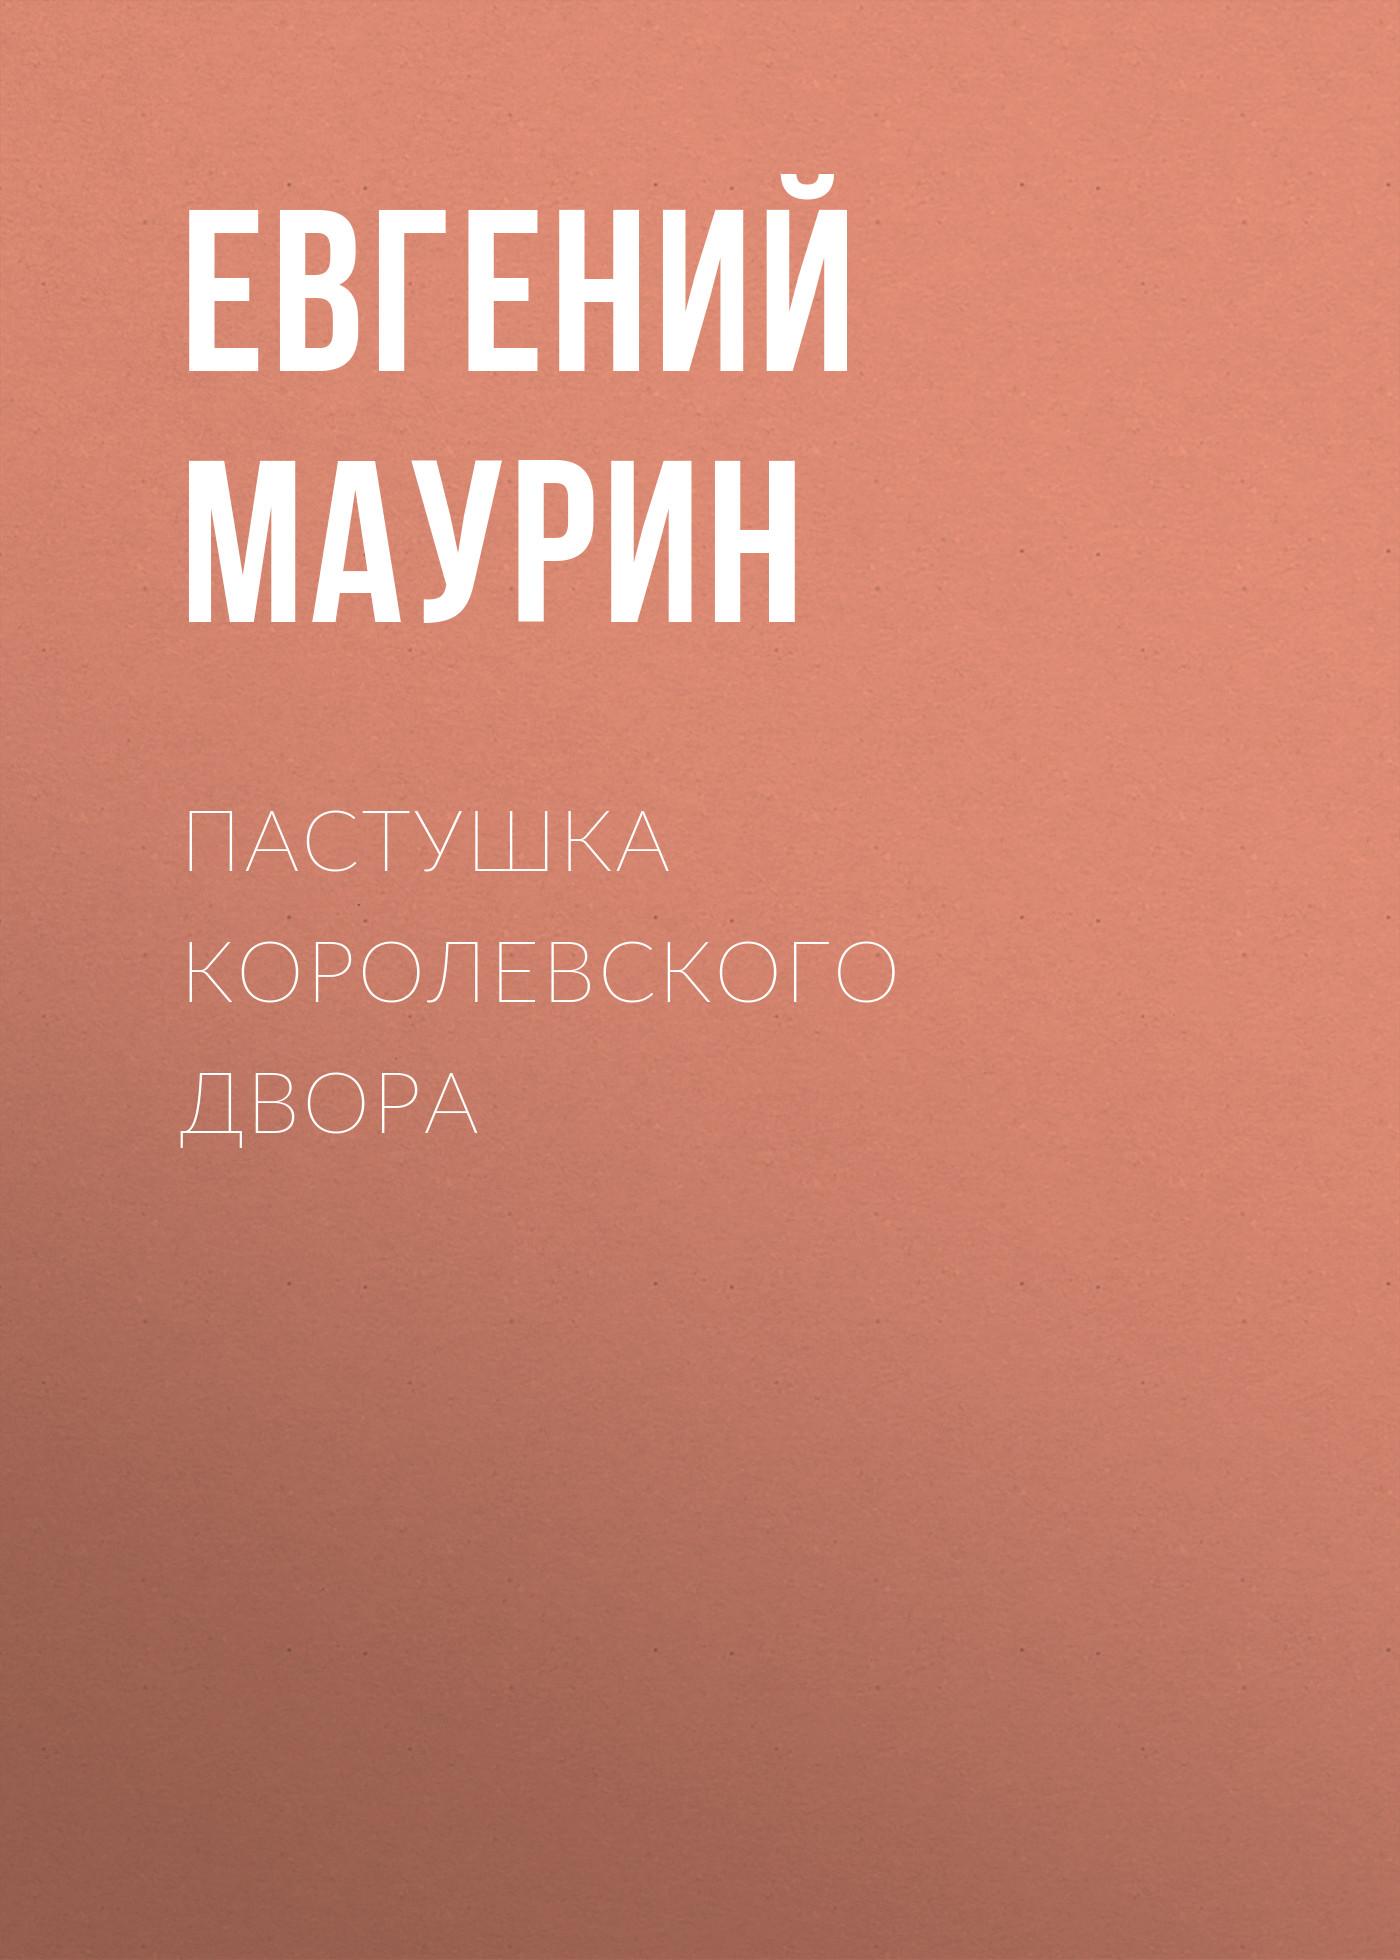 Купить книгу Пастушка королевского двора, автора Евгения Маурина